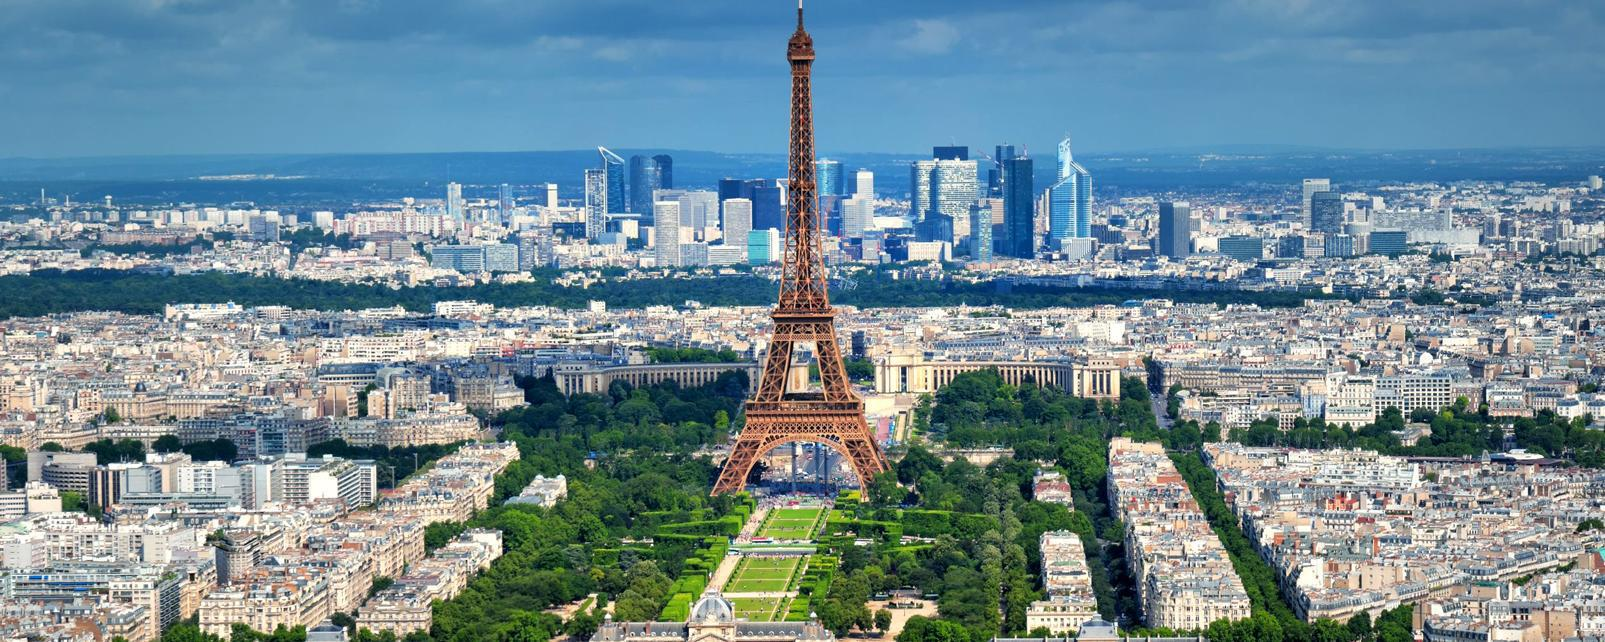 #HotDeals🔥 #Lagos-#Paris return 26 Feb